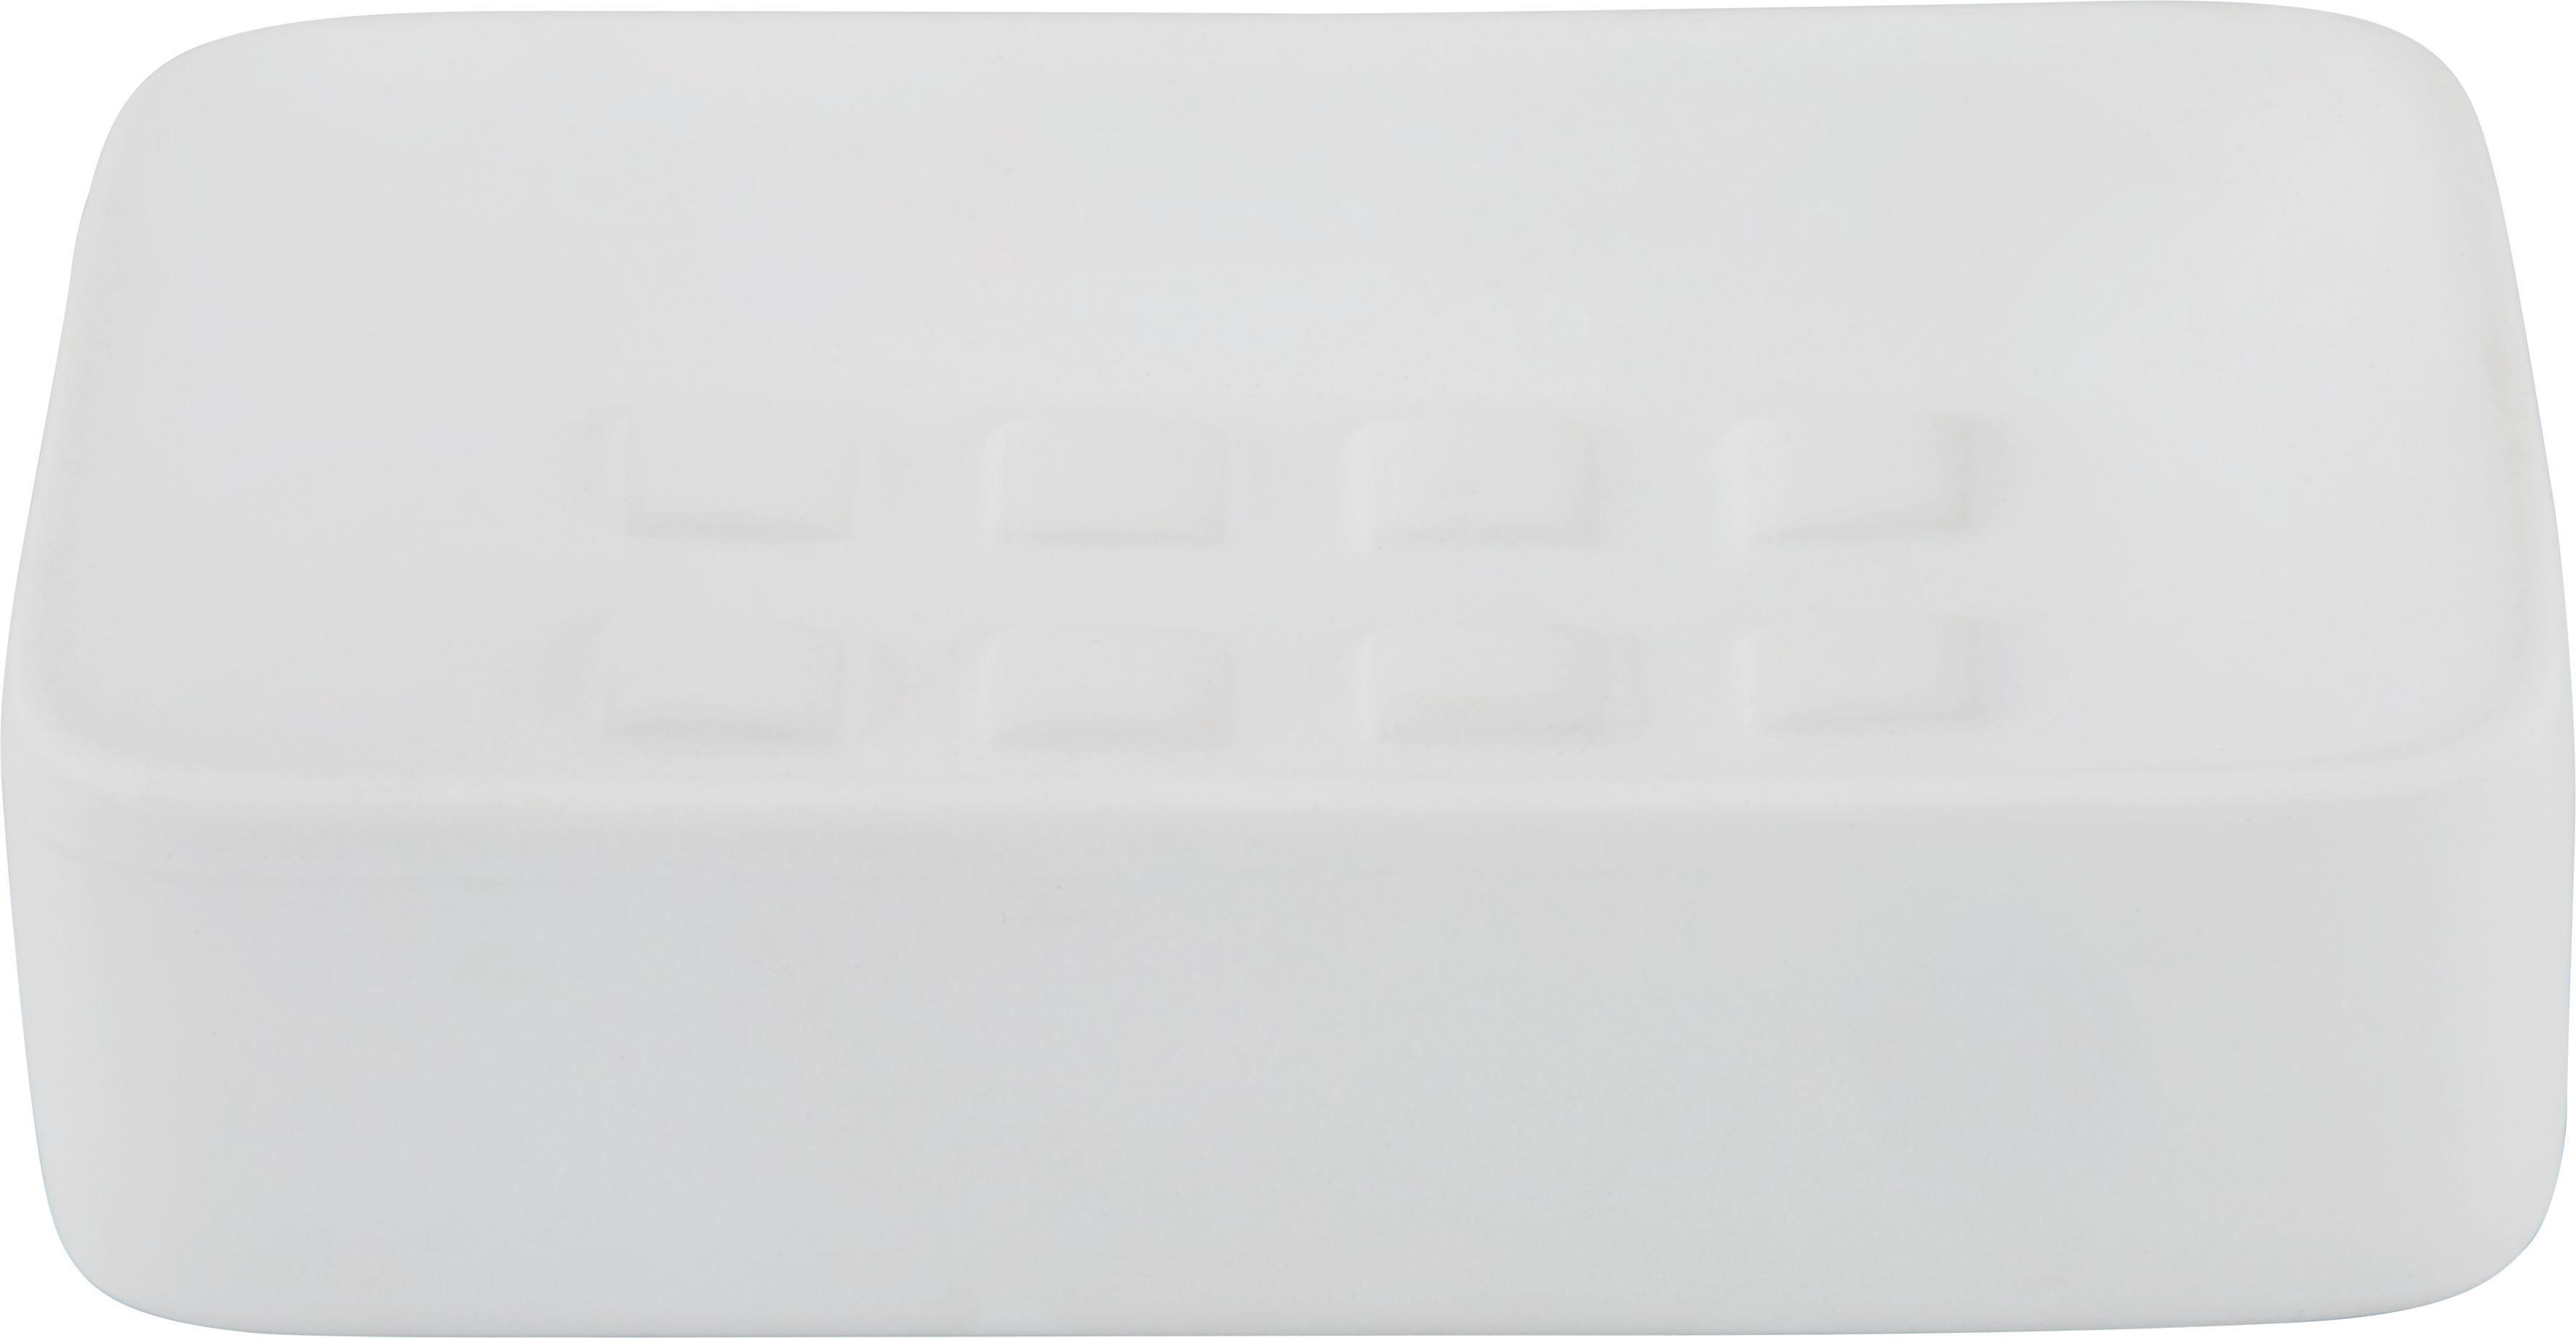 Seifenschale Melanie in Weiß aus Keramik - Weiß, Keramik (8,3/12,5cm) - MÖMAX modern living